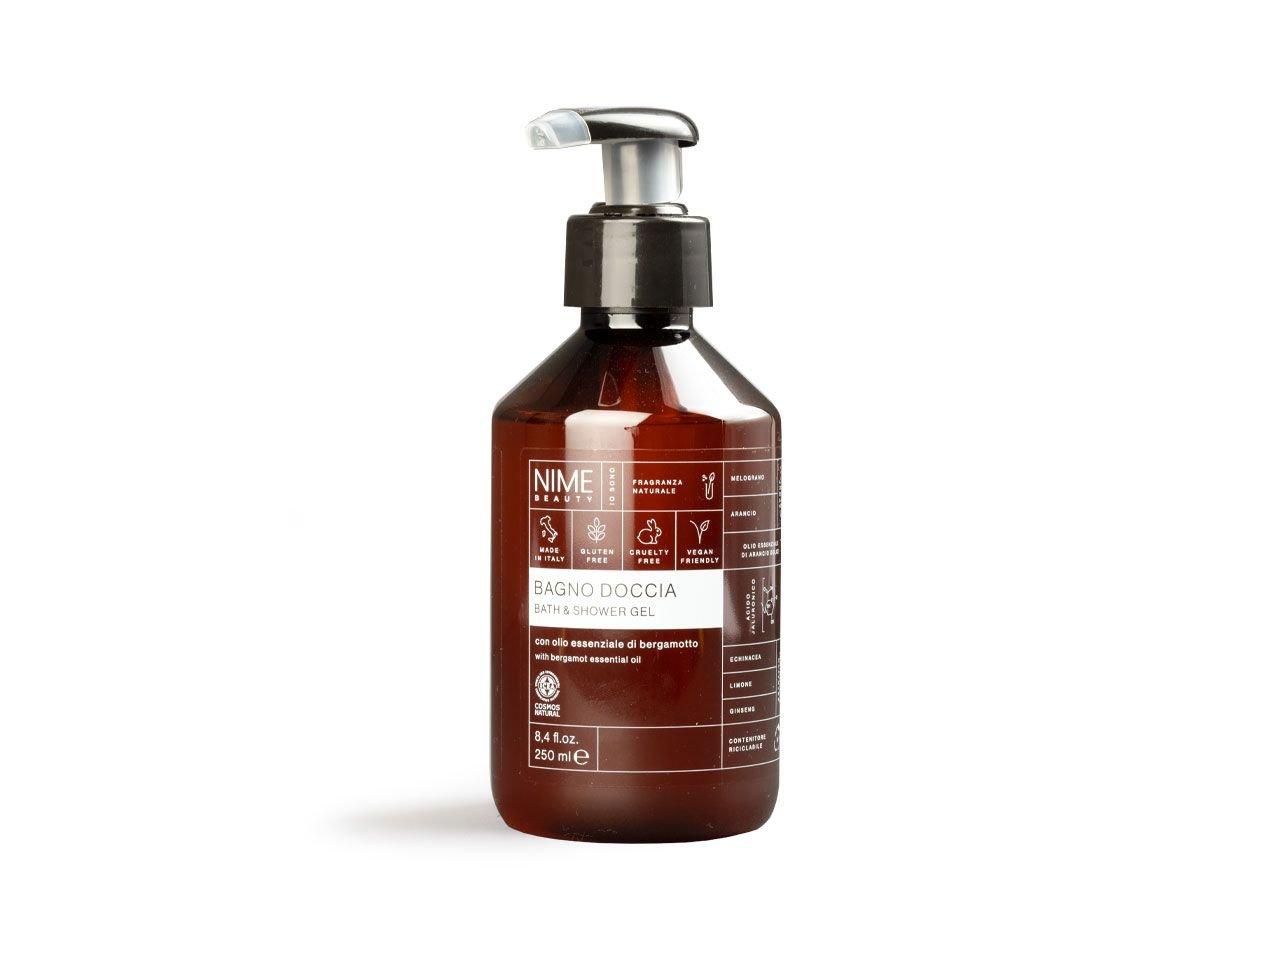 Bagno Doccia con olio essenziale di bergamotto - v2